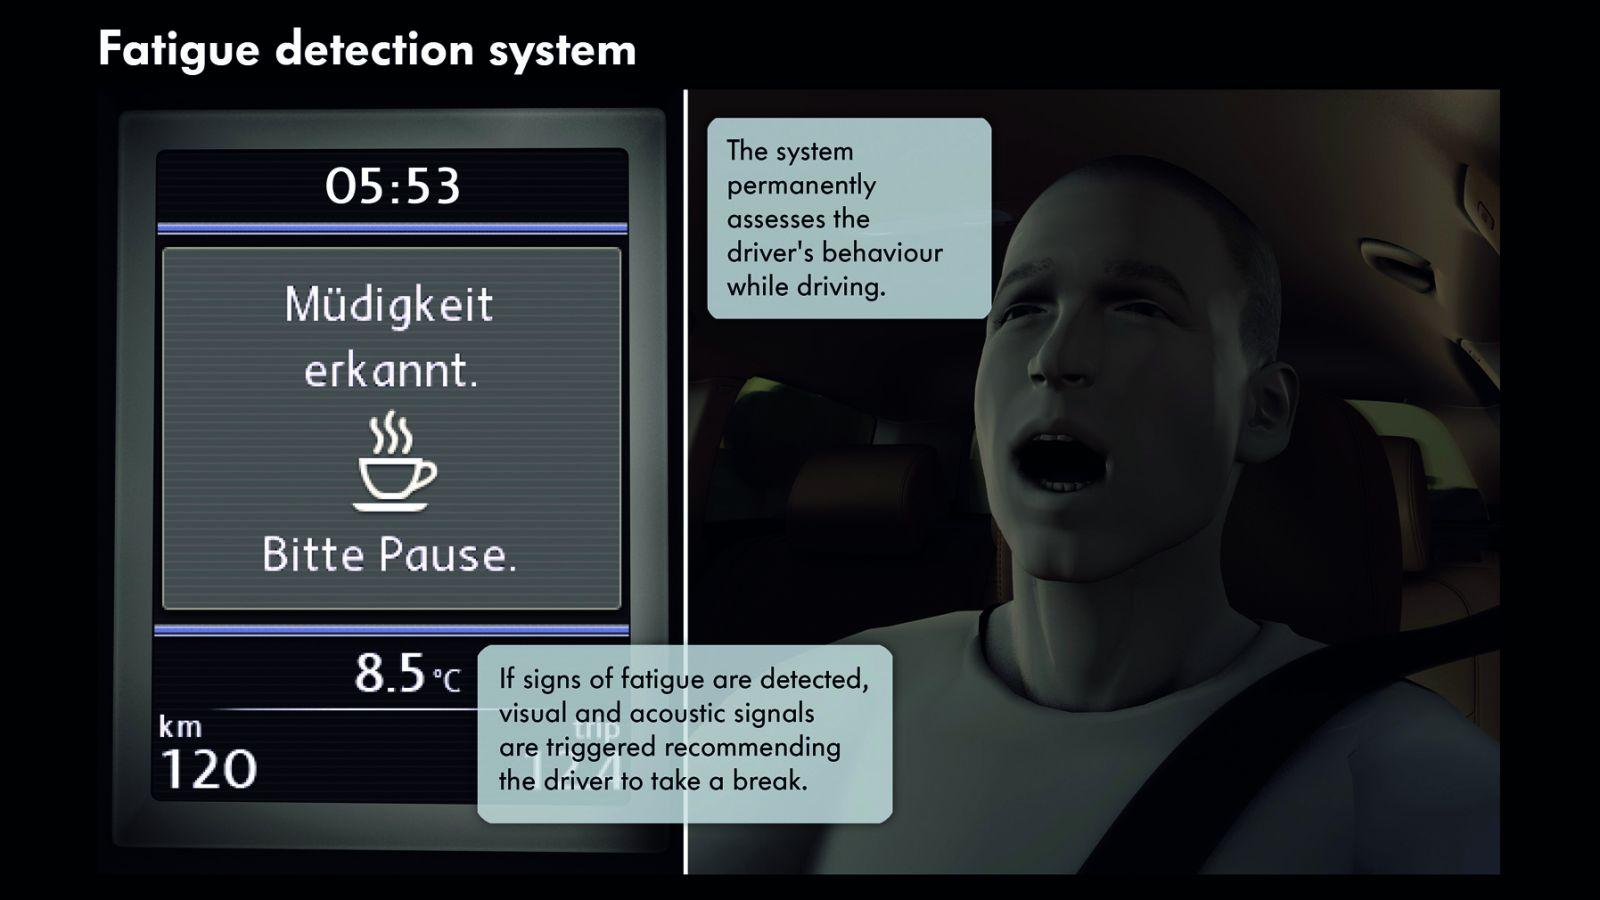 Sistema de detección de fatiga